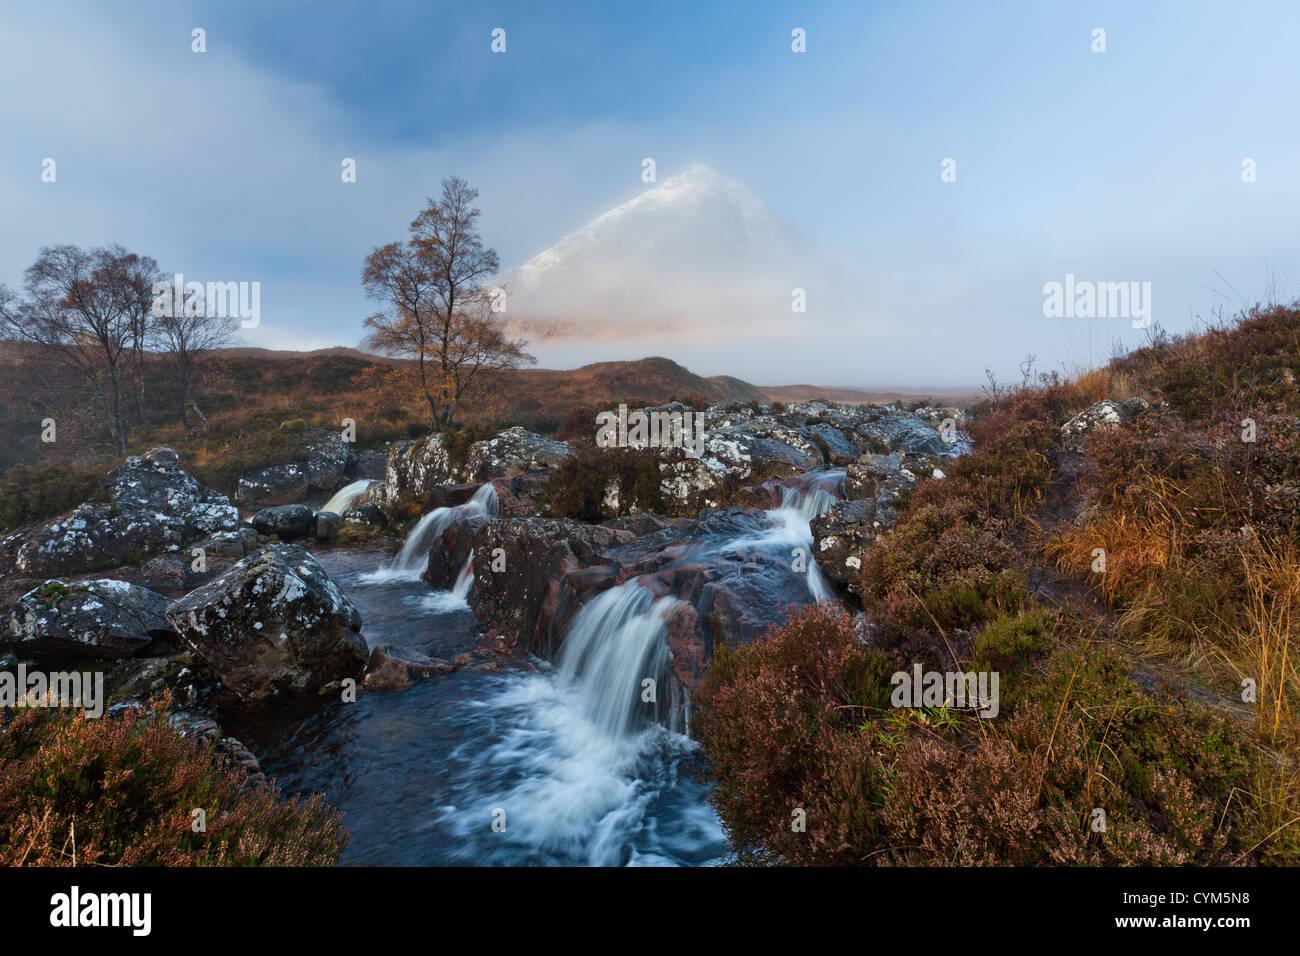 Buachaille Etive Mor, Glencoe, West Highlands of Scotland, - Stock Image